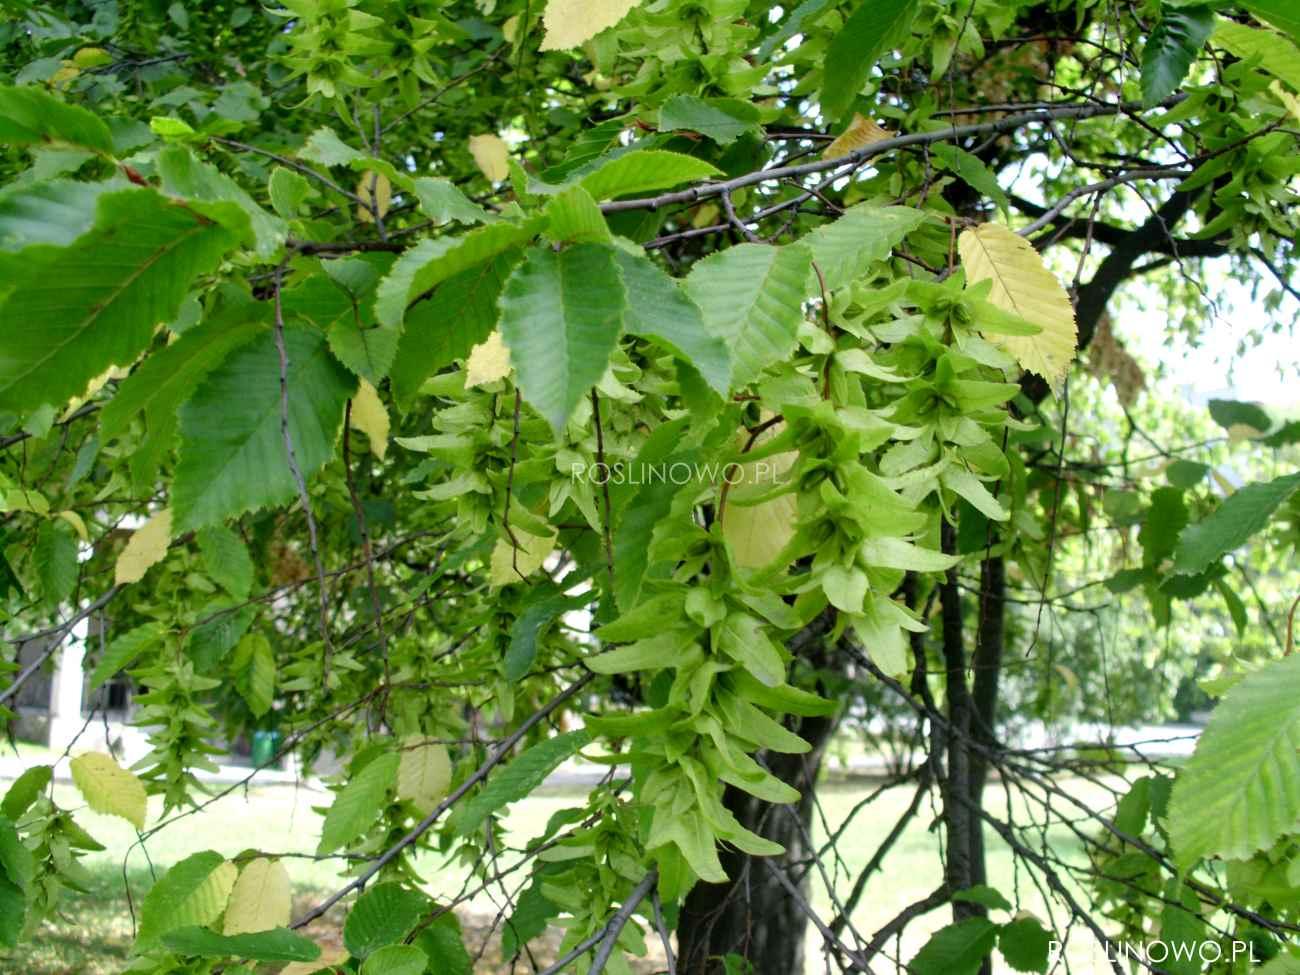 Piekne kwiatostany Grabu pospolitego to ozdoba drzewa